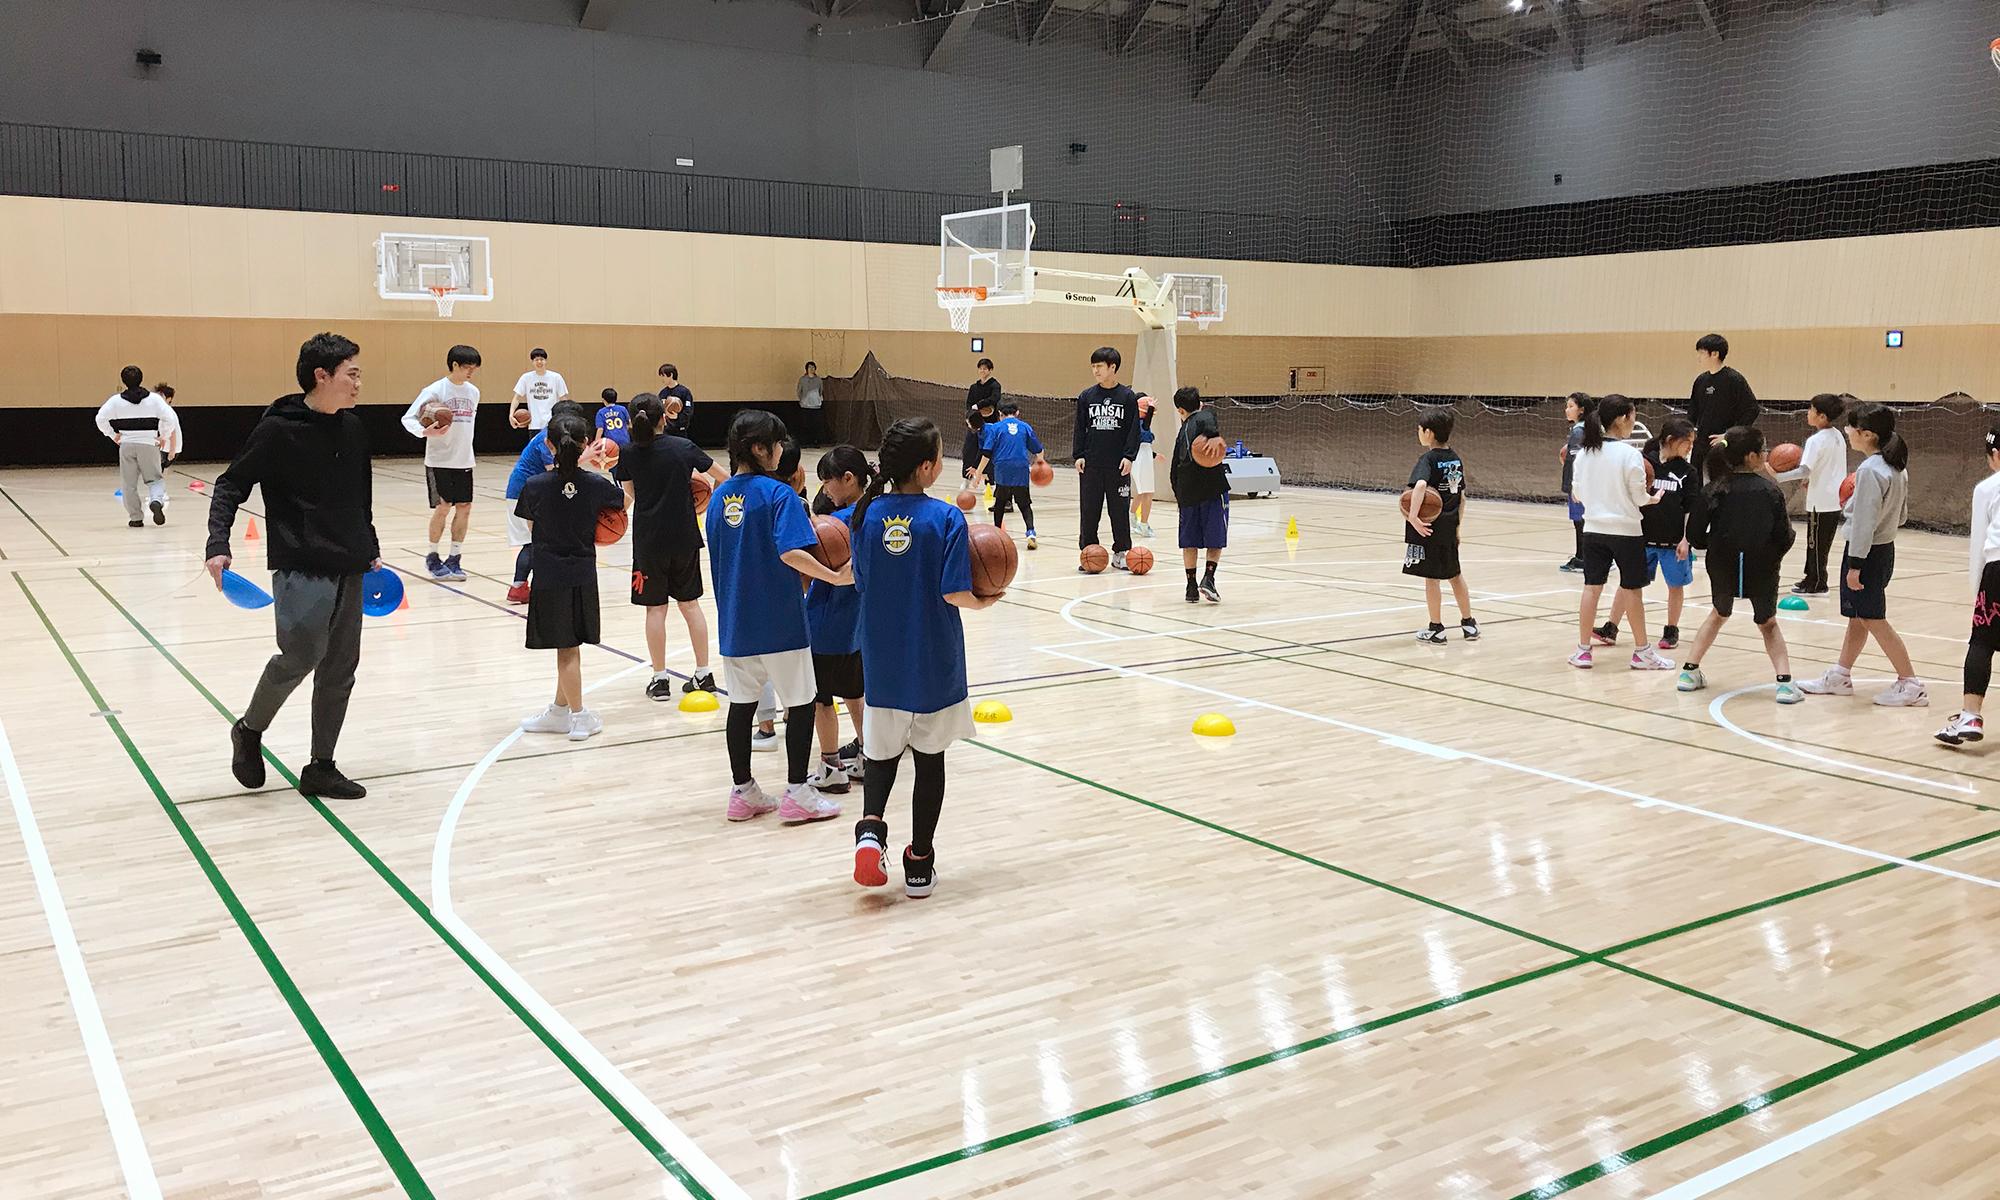 関西大学カイザーズクラブ バスケットボールスクール